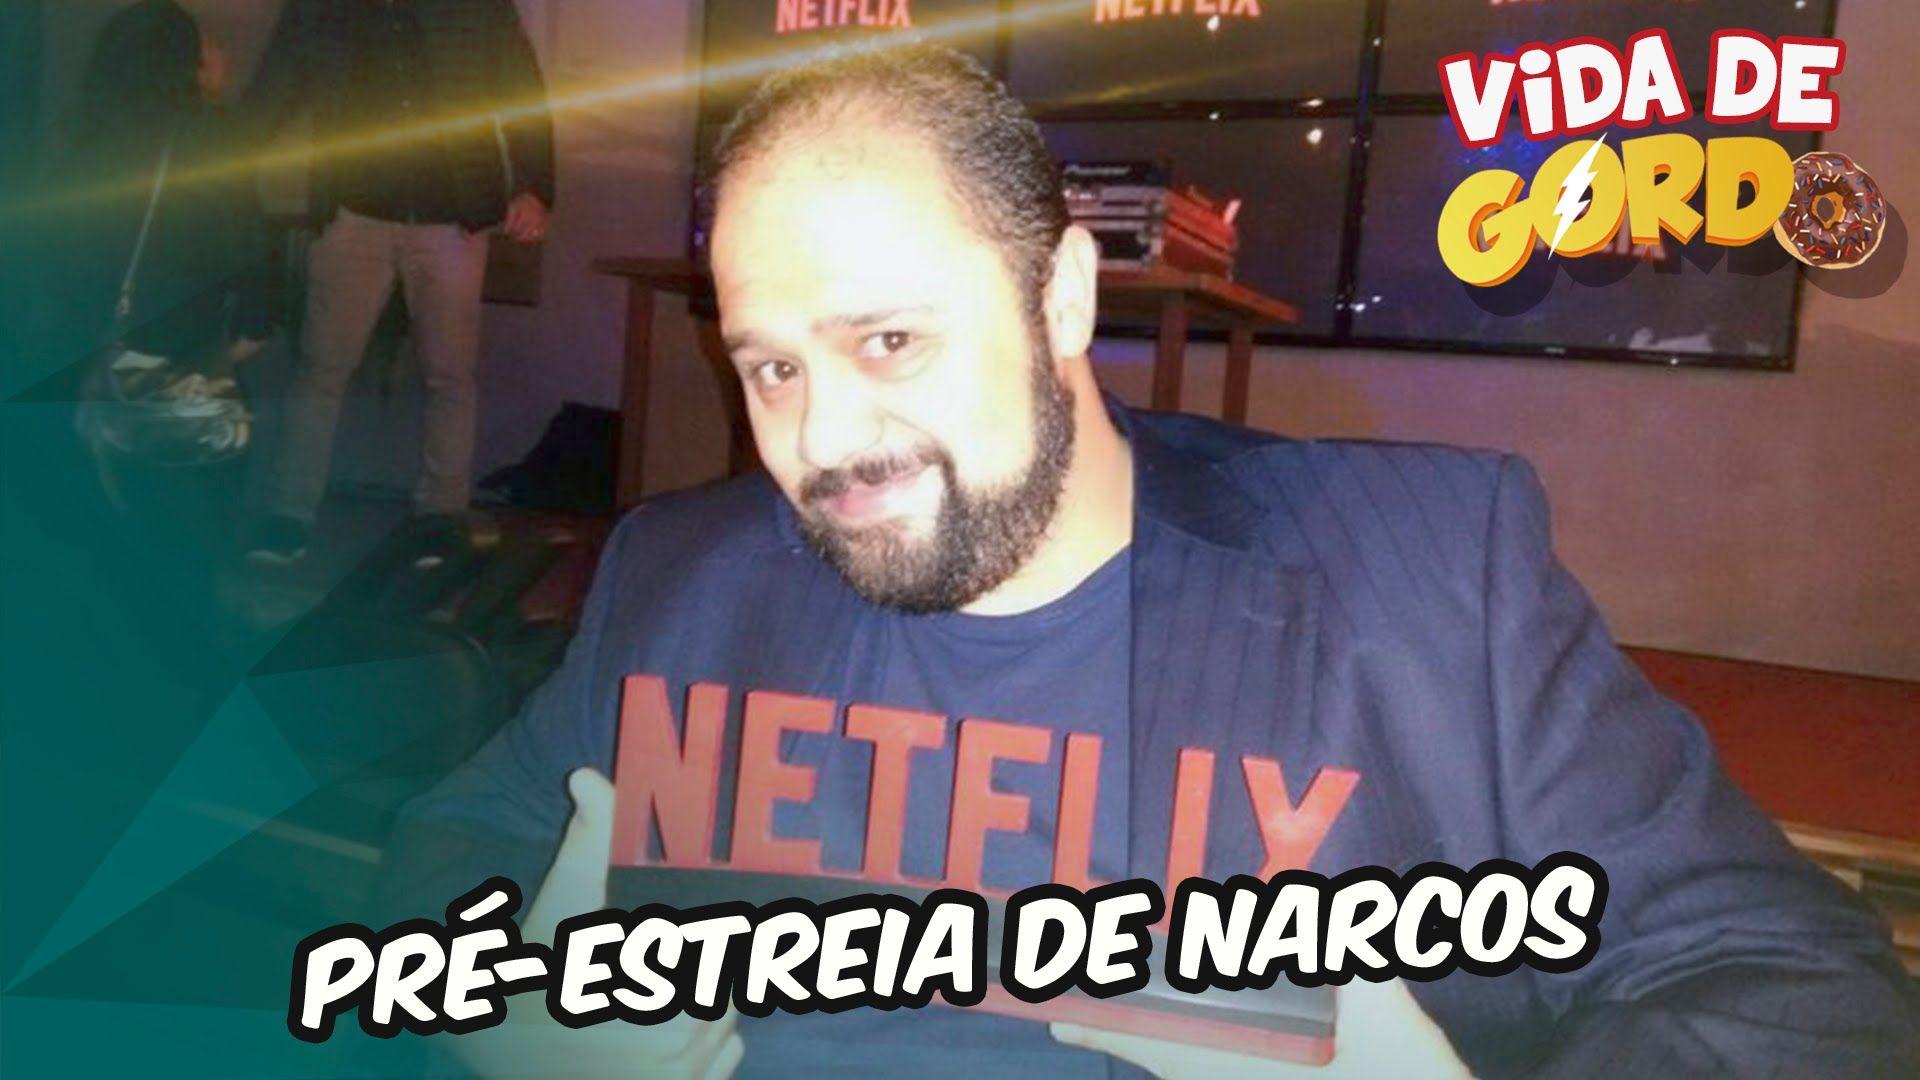 Festa de pre-estreia de Narcos